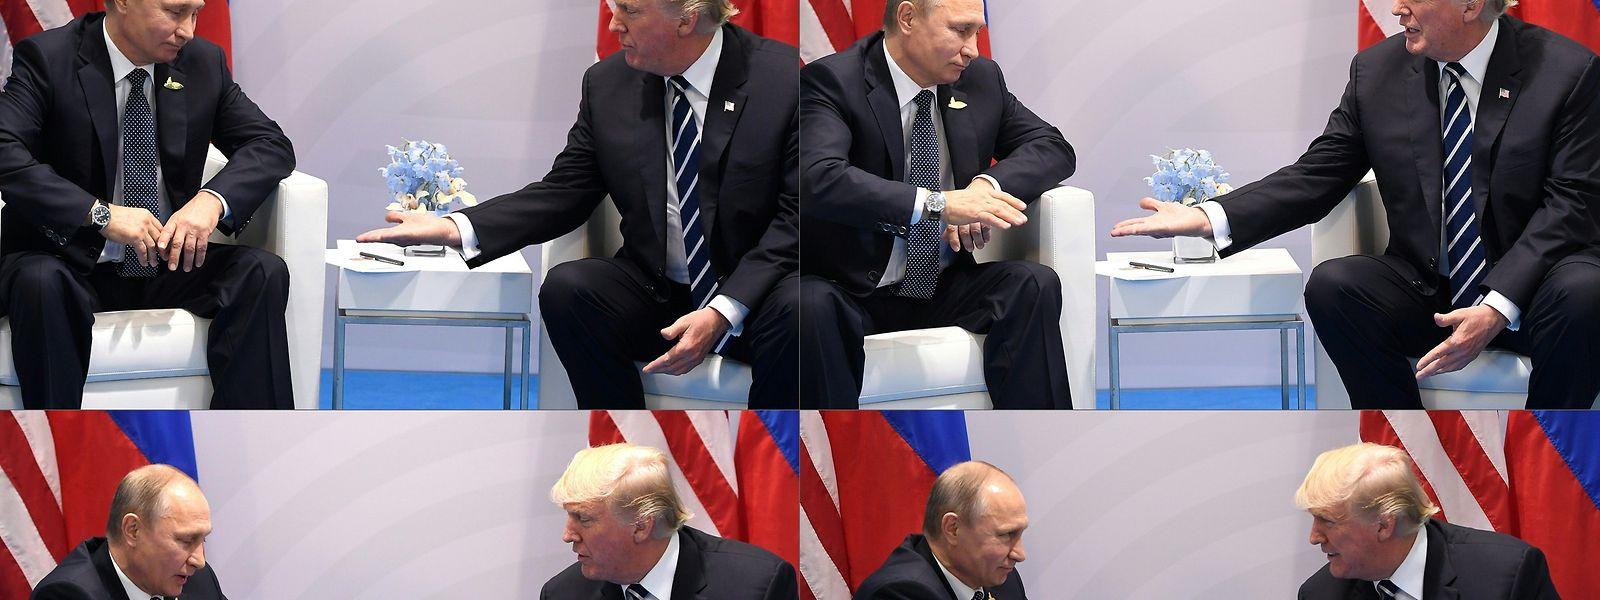 Der Handschlag des Jahres.